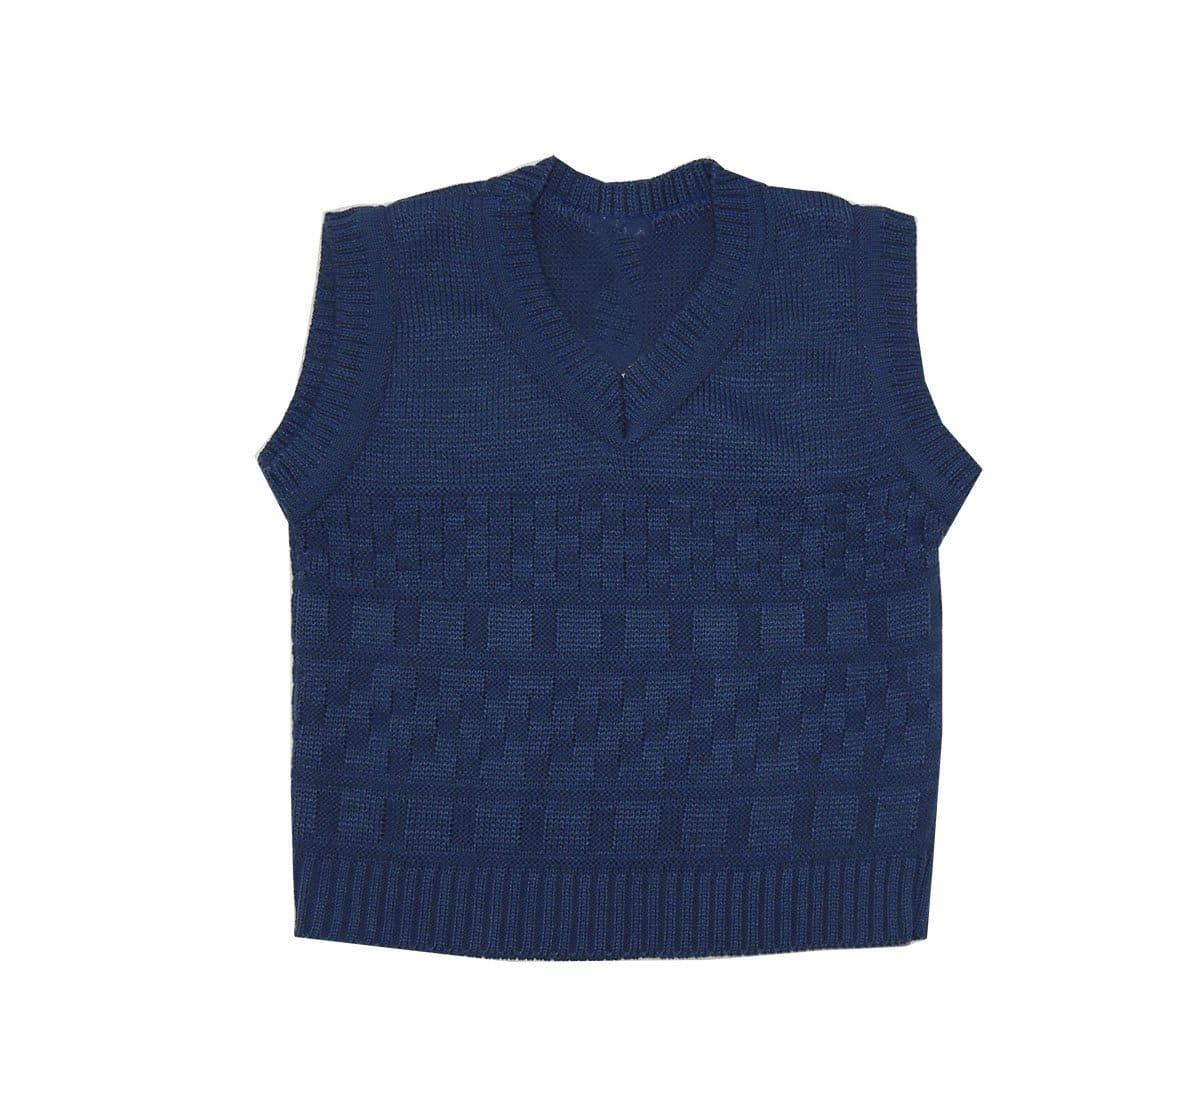 Colete de Lã em Tricot Infantil Masculino